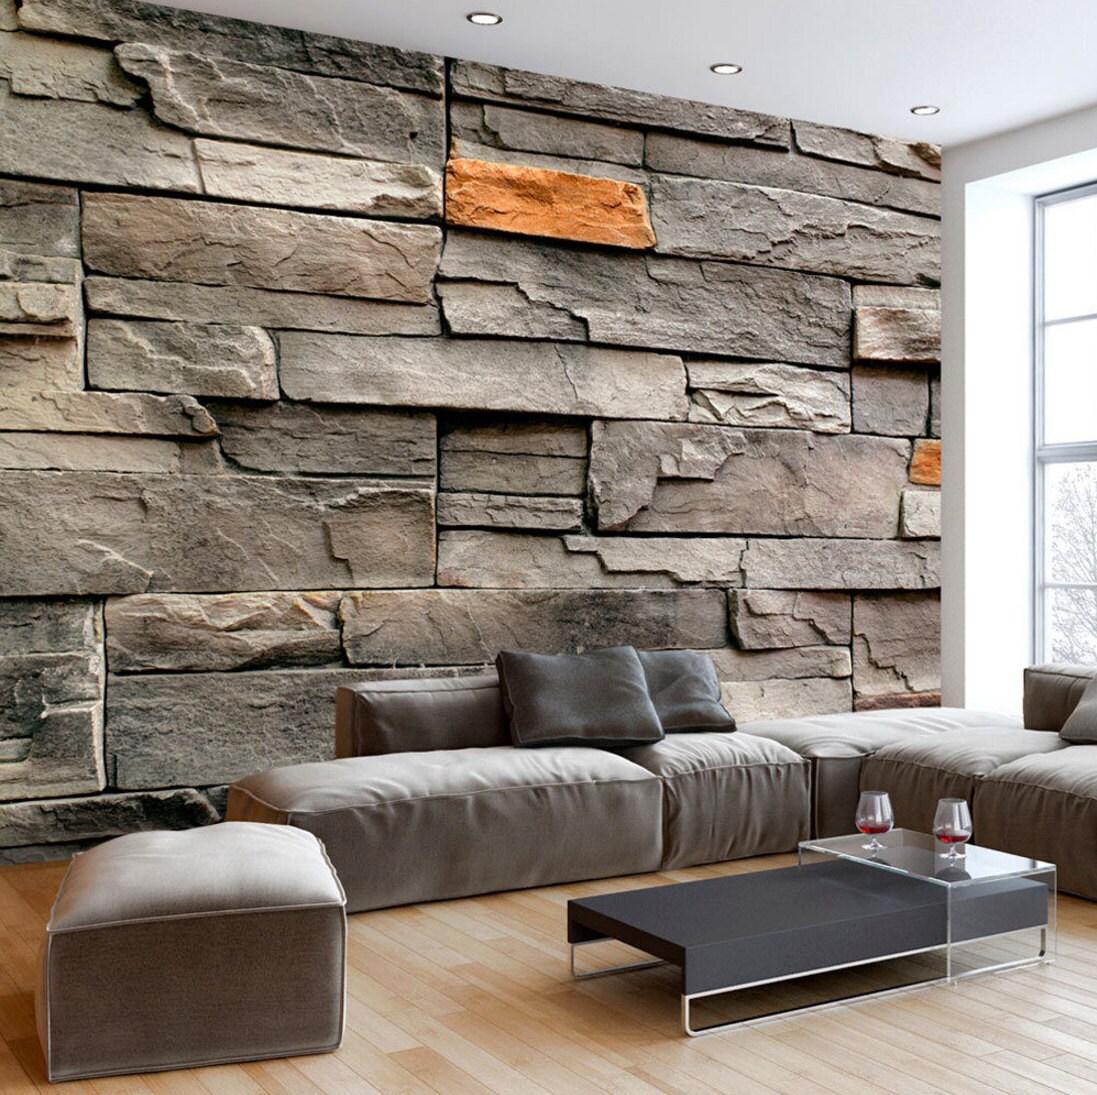 Photo wallpaper wall murals non woven 3d modern art optical zoom amipublicfo Images